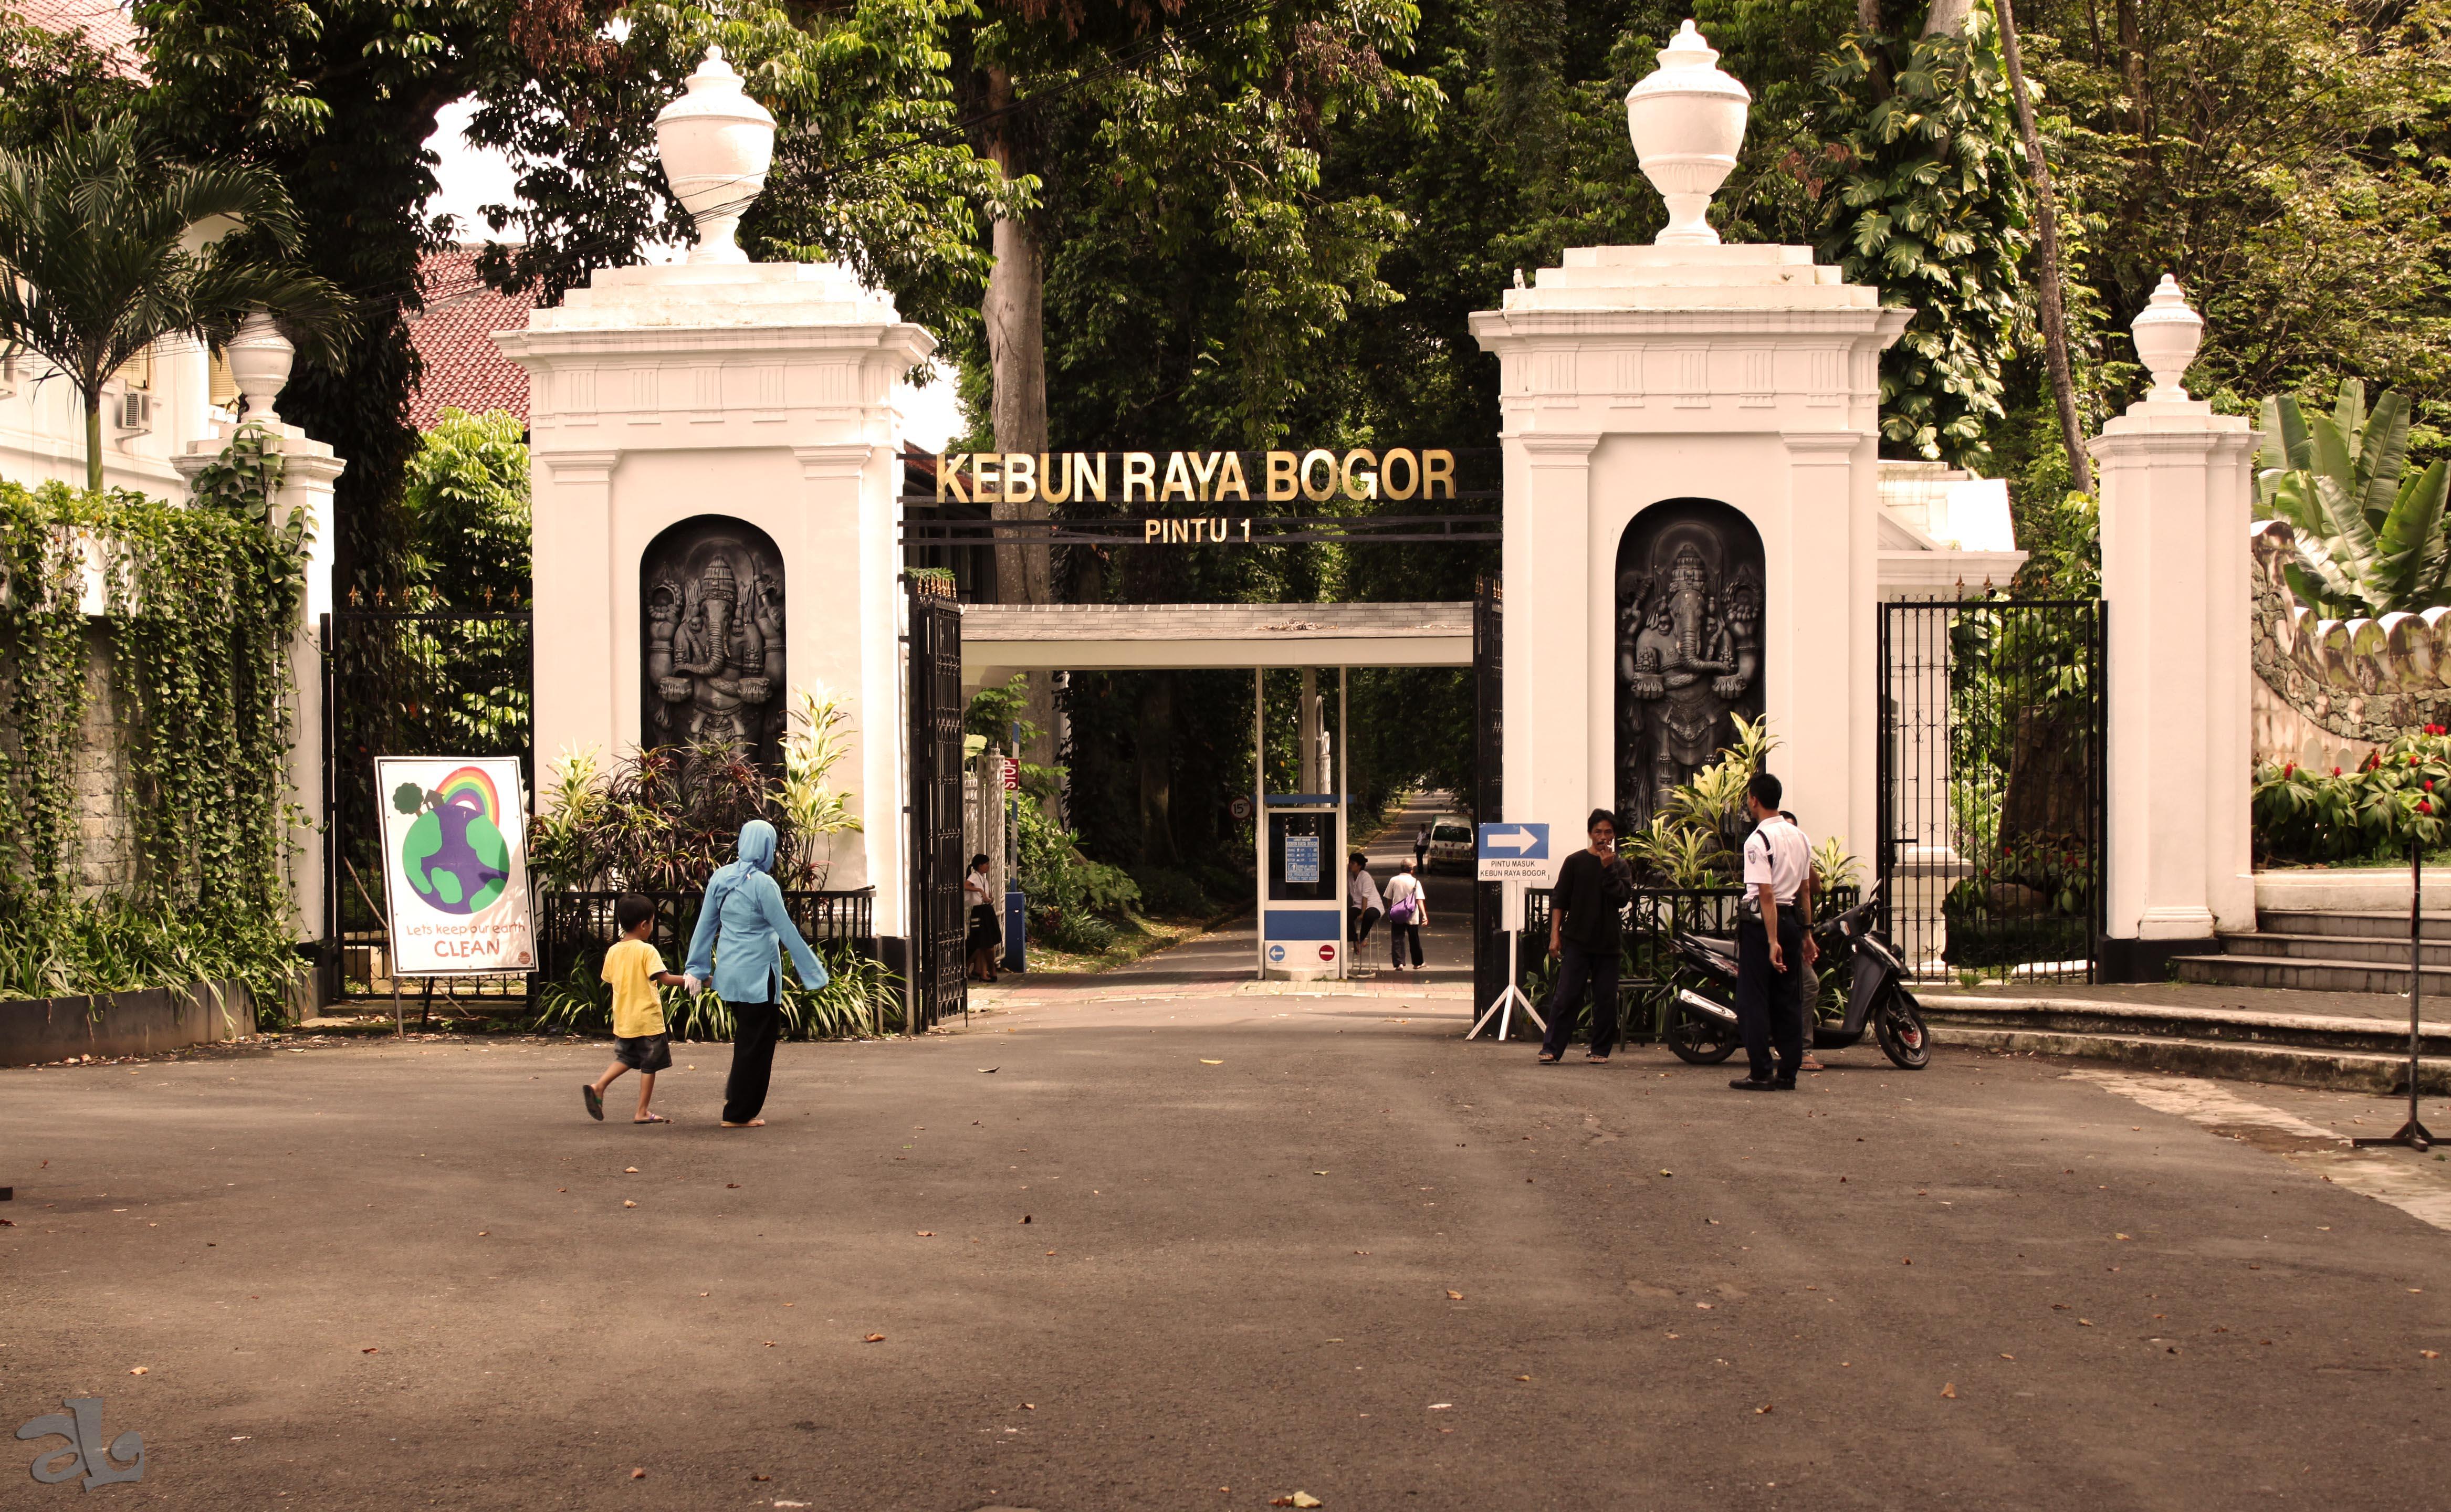 10 Hotel Murah Bogor Dekat Kebun Raya Aneka Kab